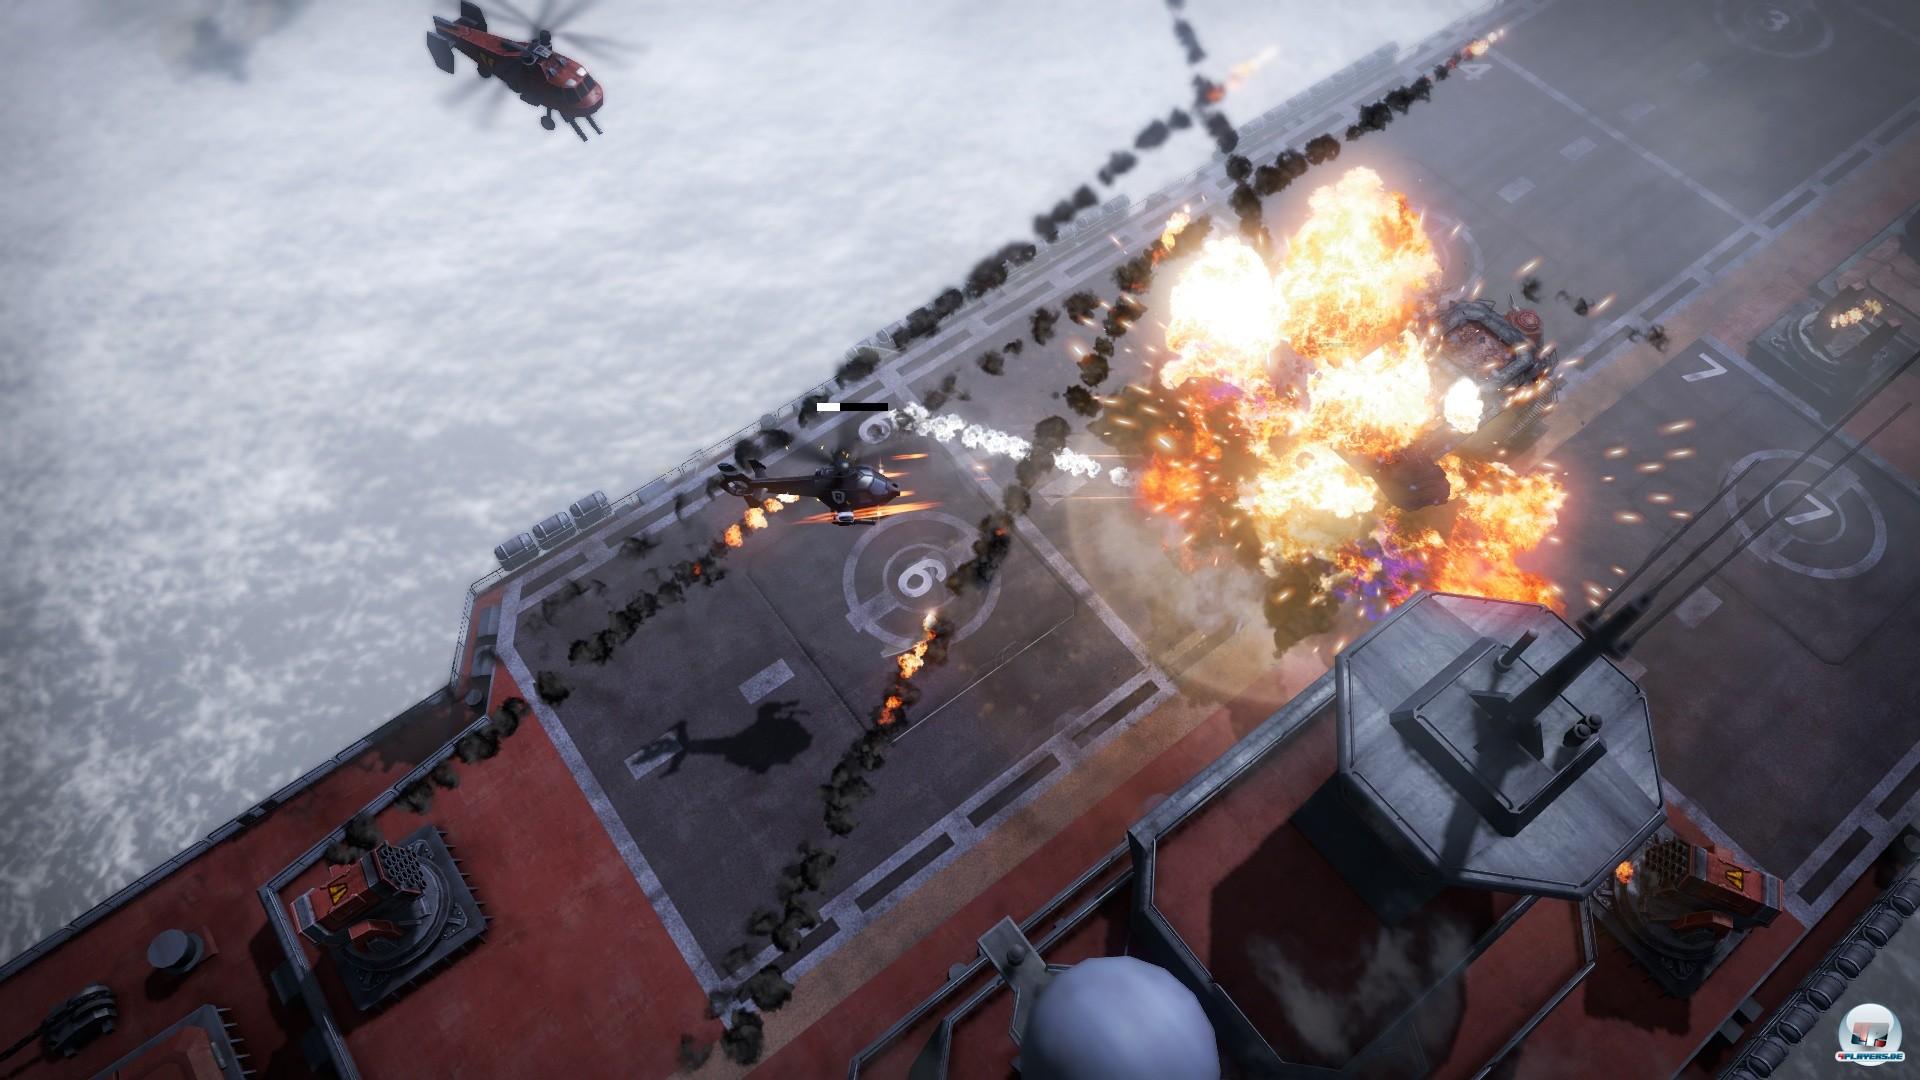 Neben dem Fahrzeug besteigt man gelegentlich auch den Helikopter, um aus der Luft für Schrecken zu sorgen.